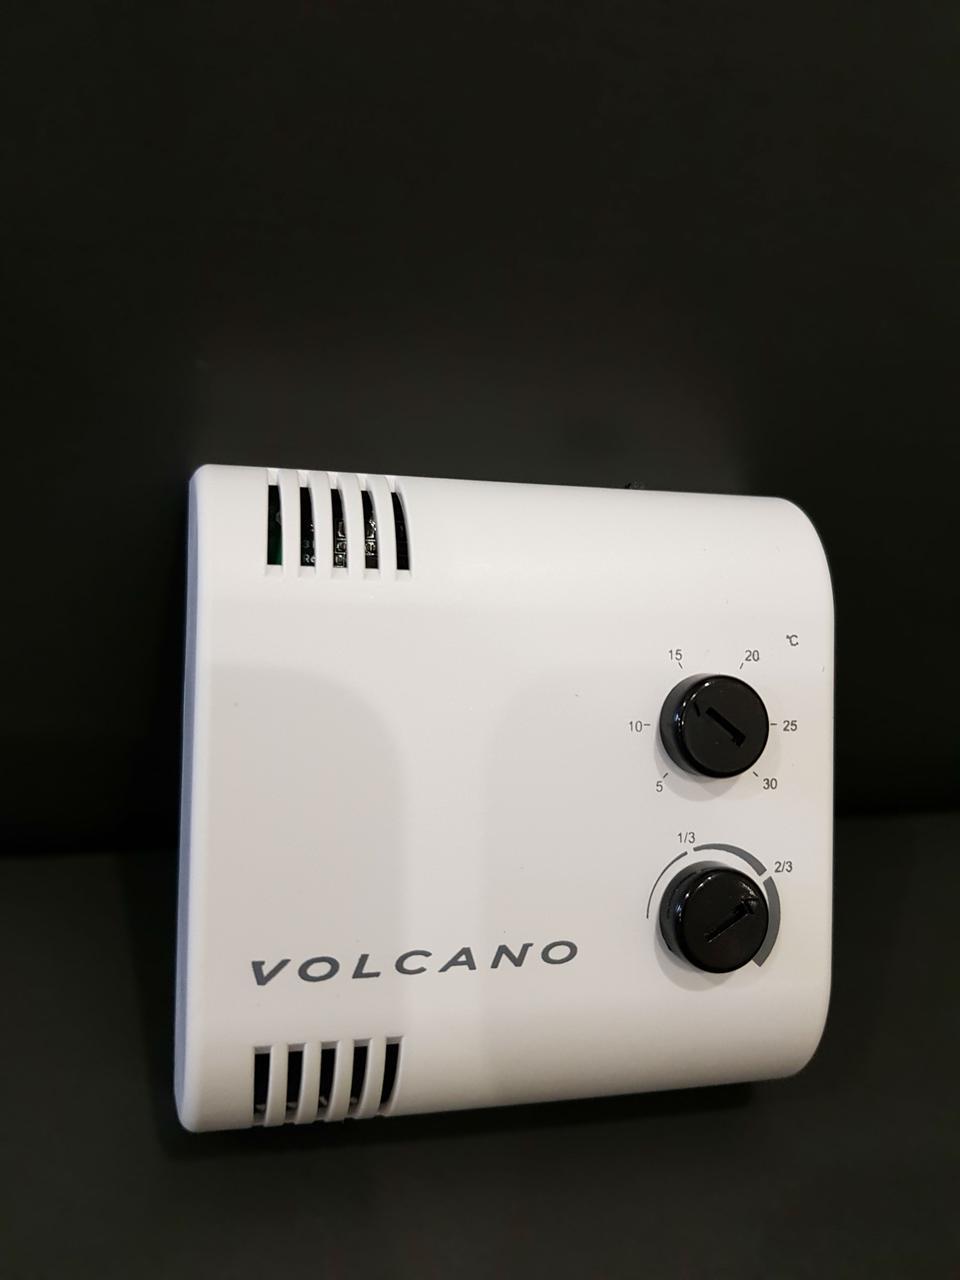 Потенциометр Volcano VR регулятор